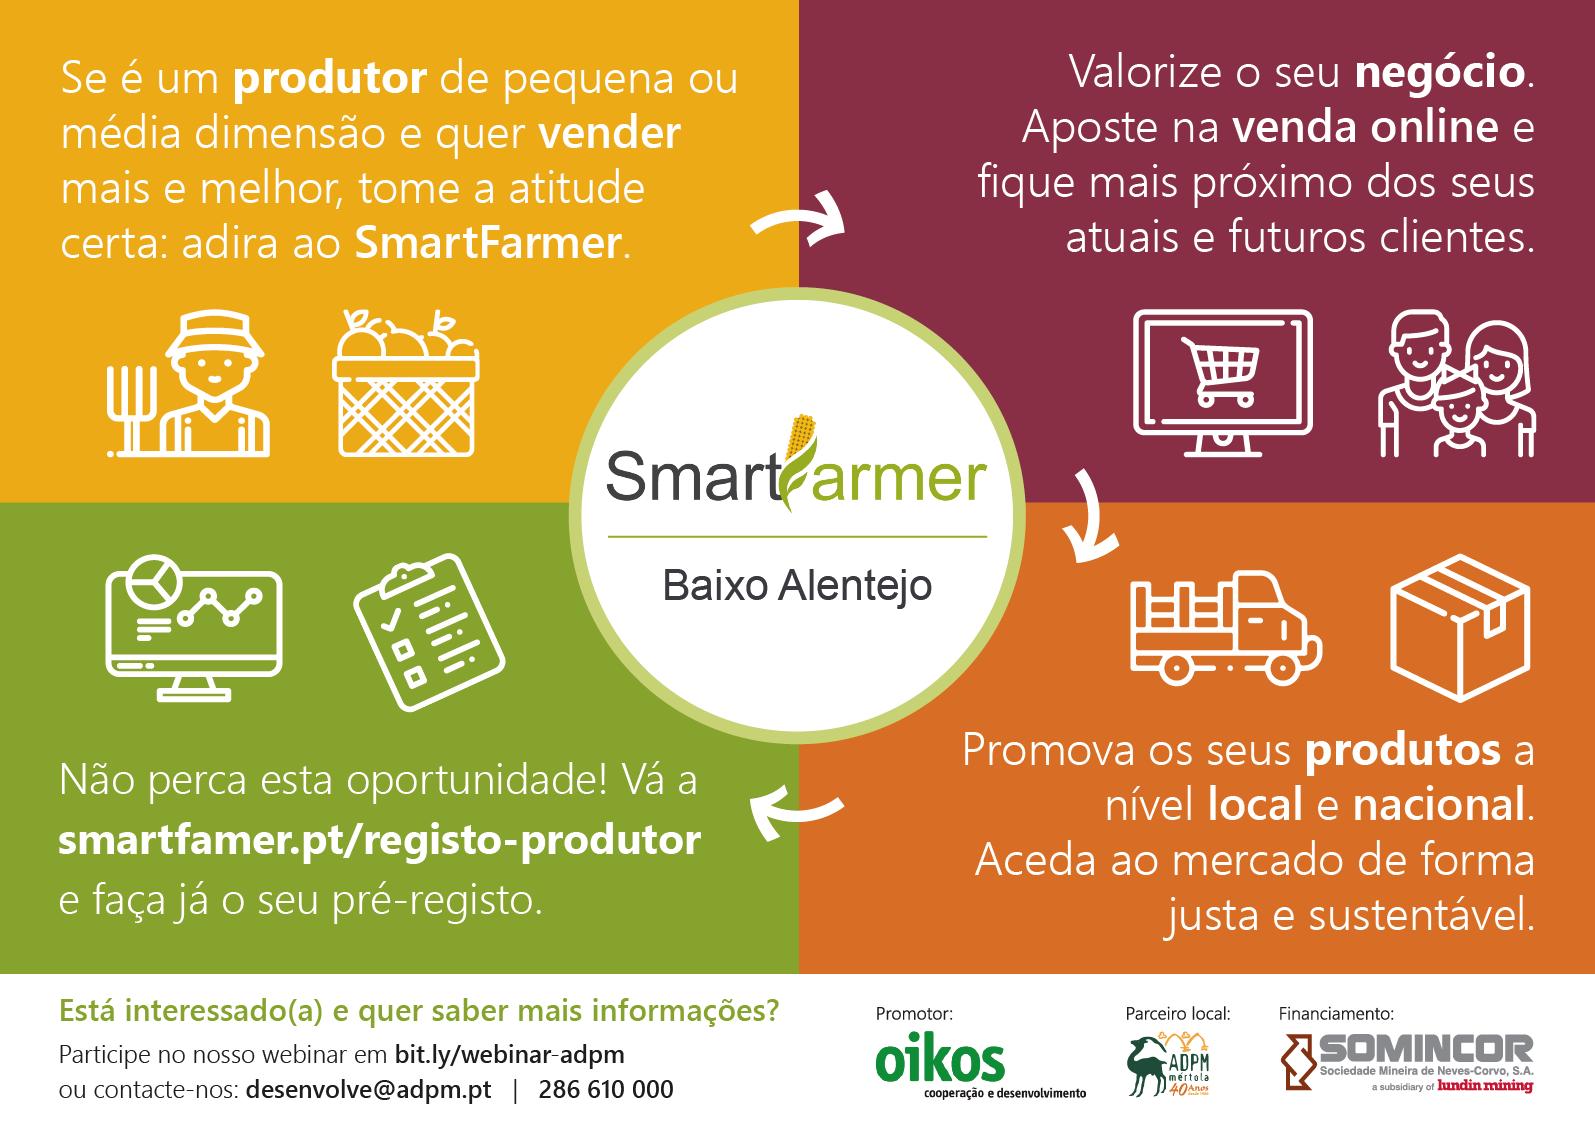 smartfarmer